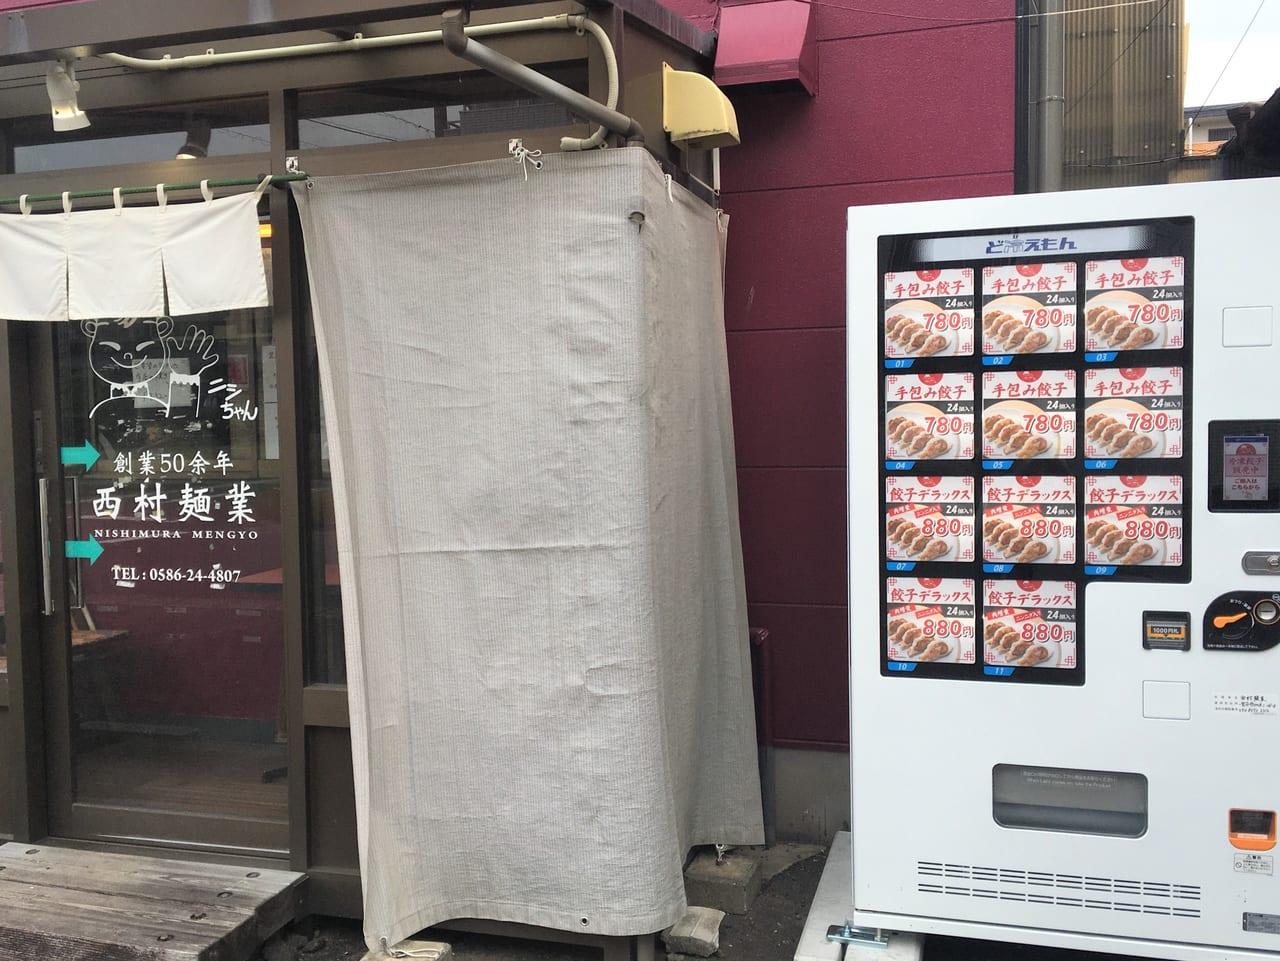 西村製麺の冷凍餃子 自動販売機